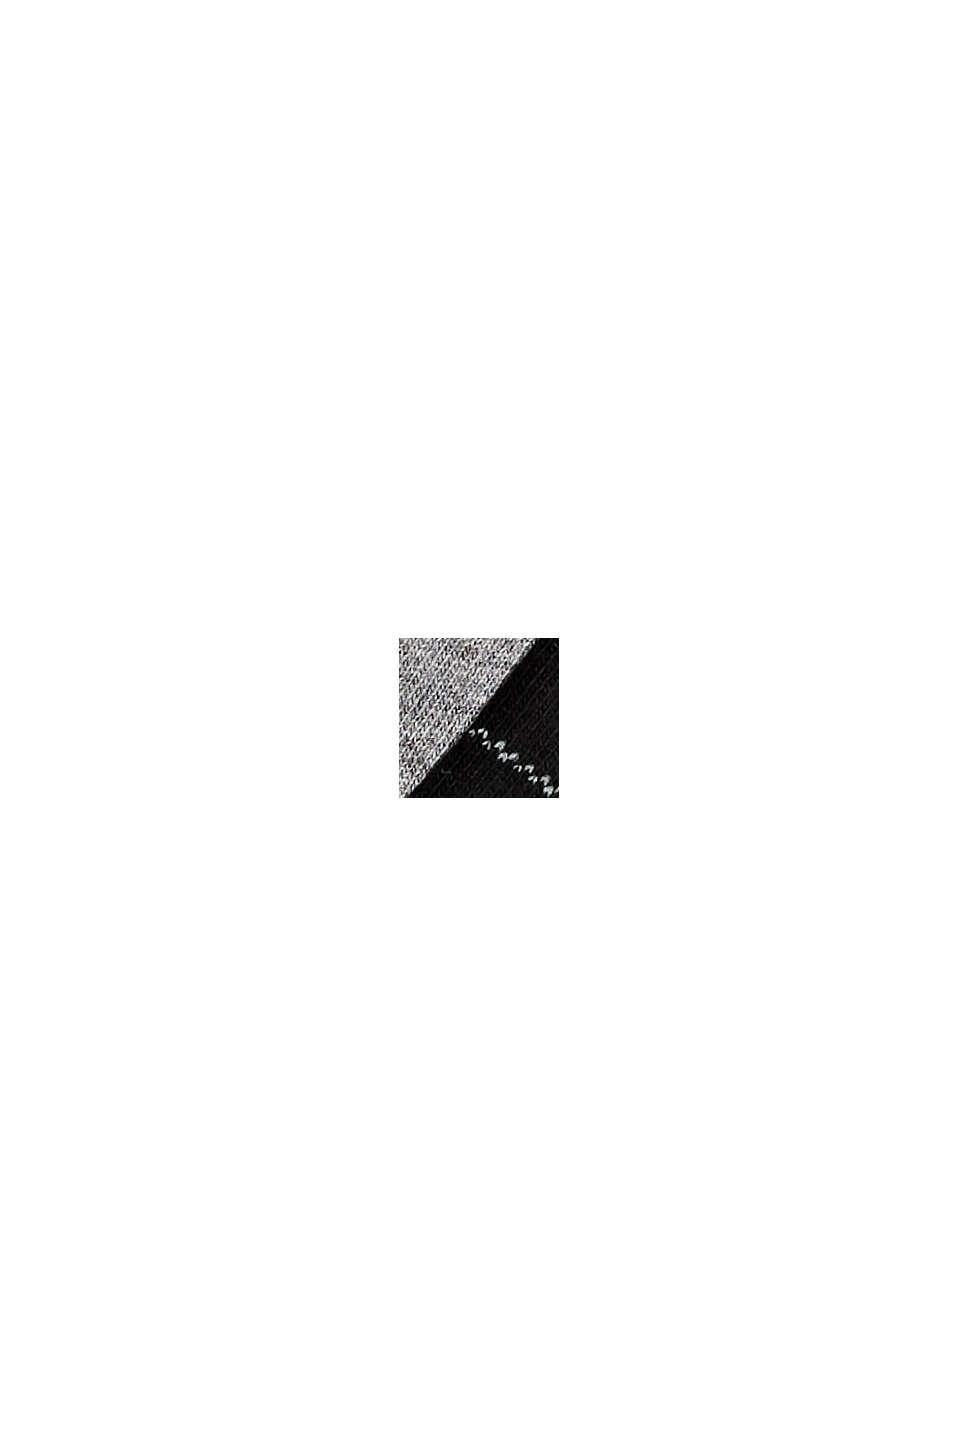 Calze in confezione doppia con motivo a quadri, misto cotone biologico, GREY/BLACK, swatch